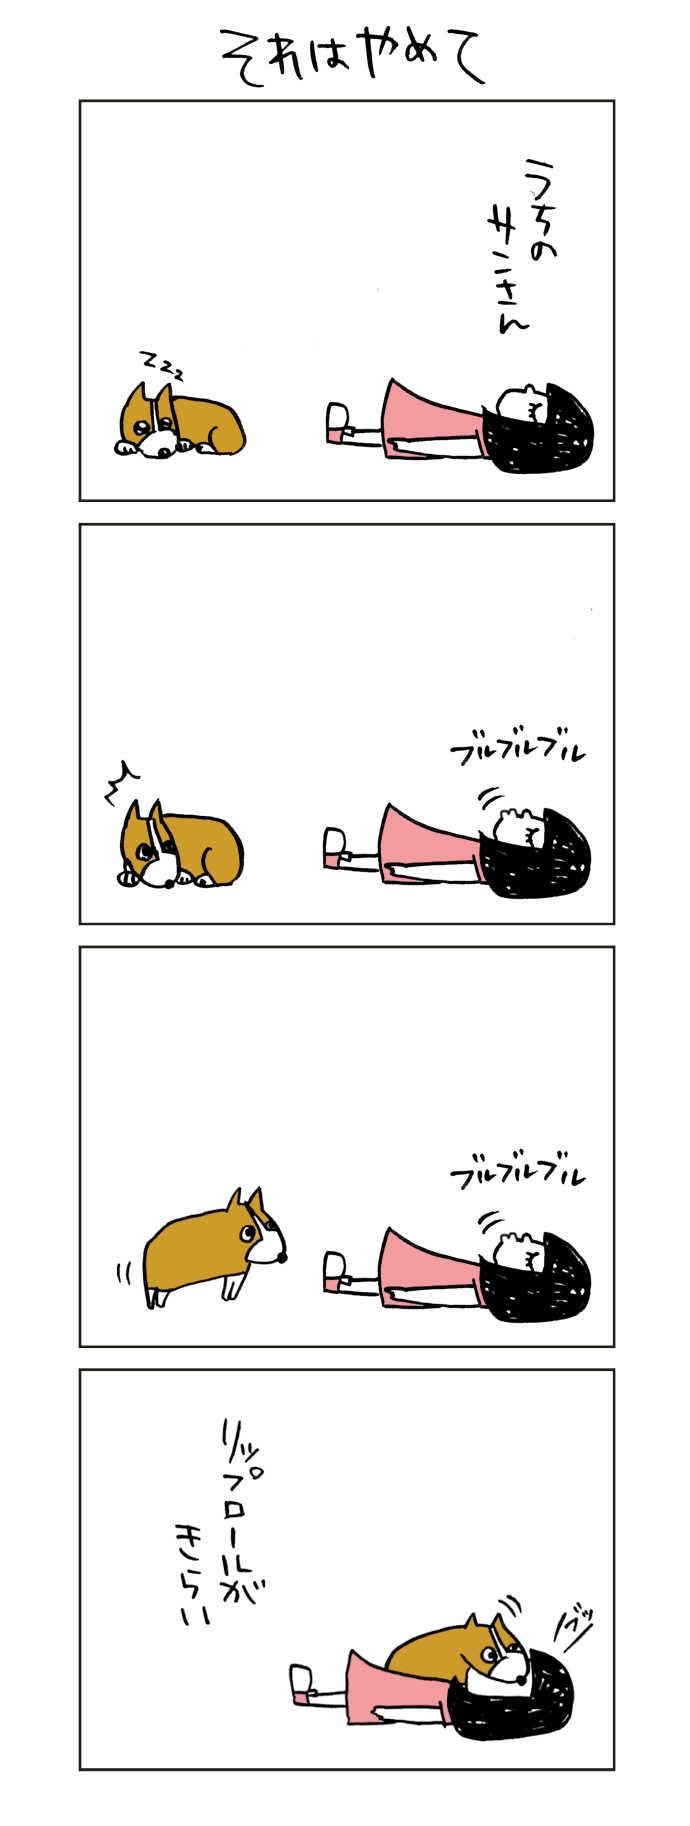 コーギーのサンさん4コマ漫画11~20話